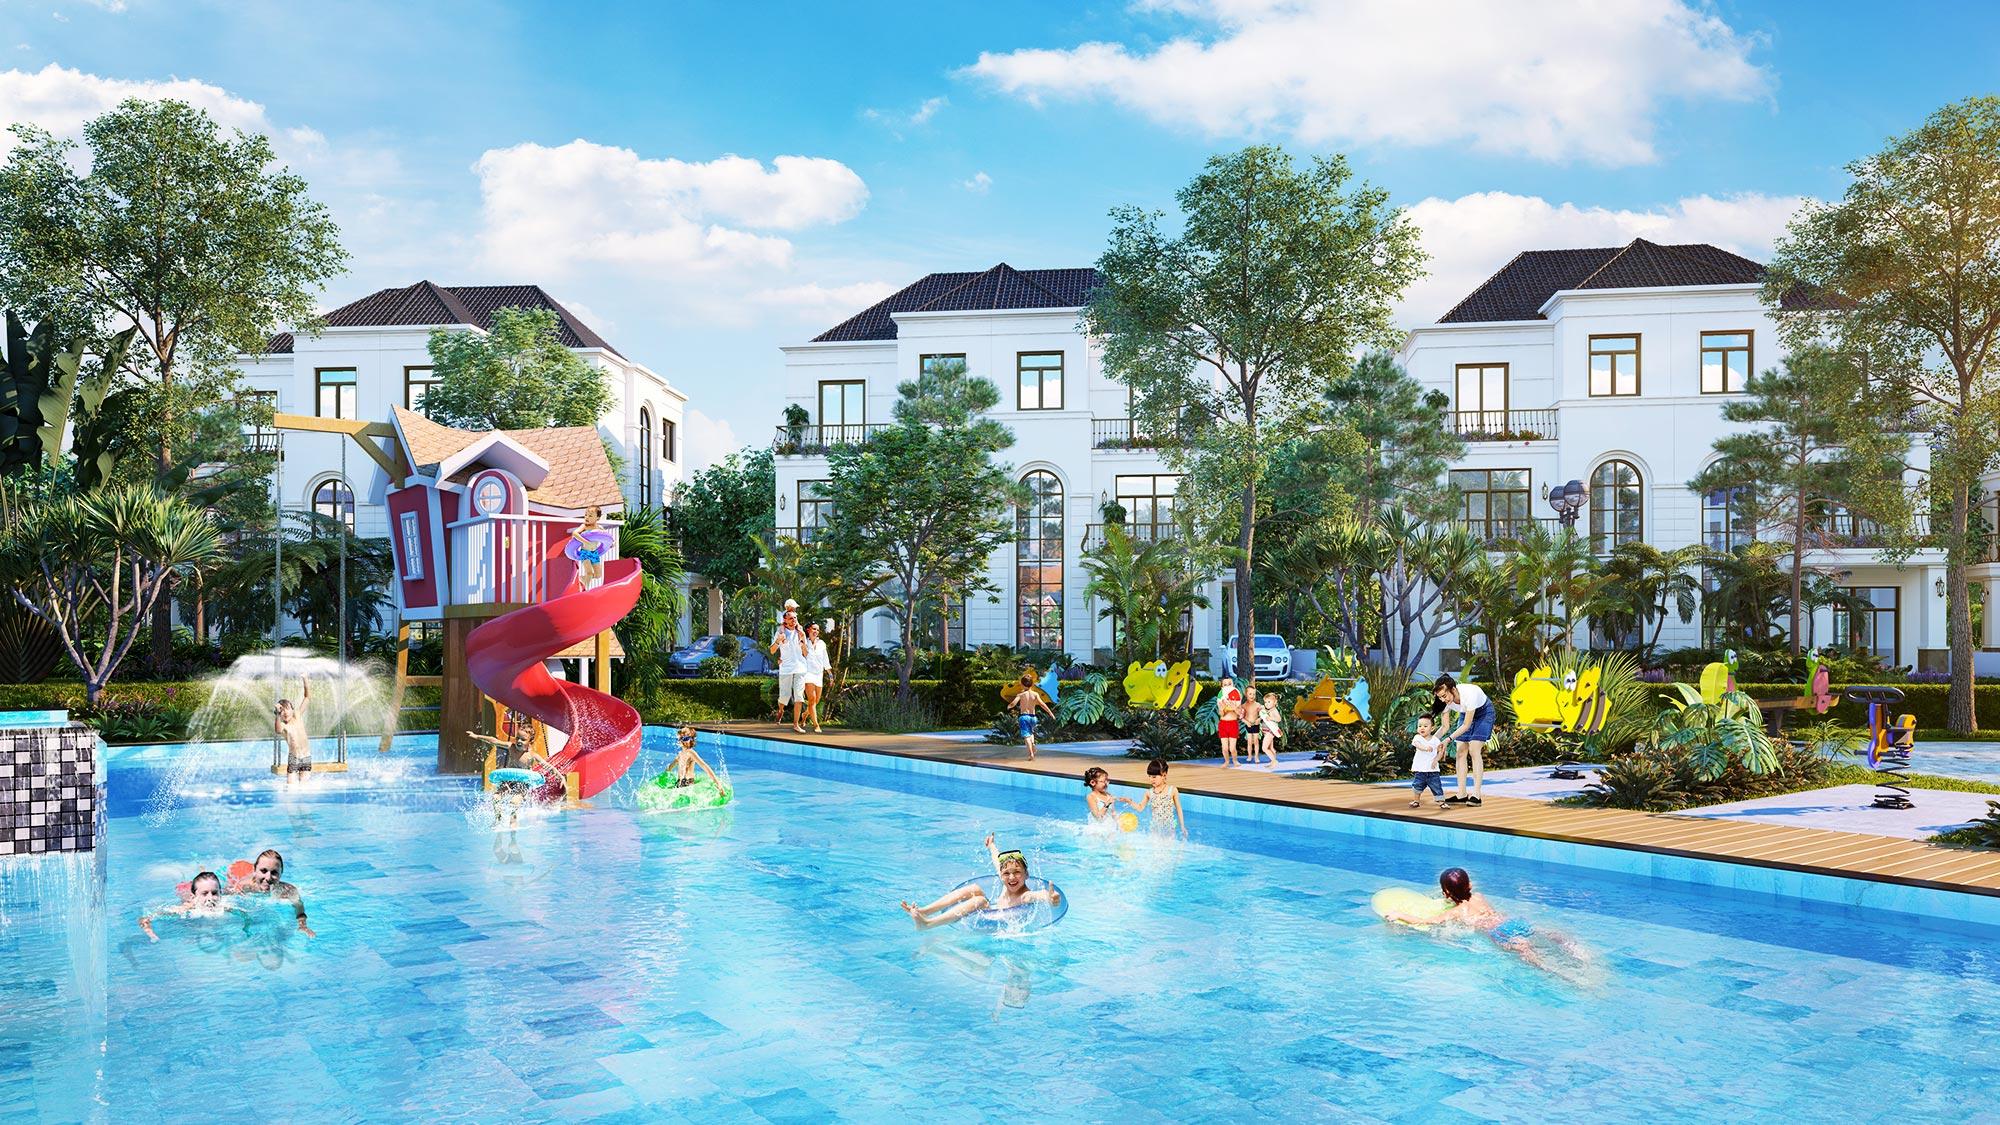 Hồ bơi dự án biệt thự West Lakes Golf & Villas Long An